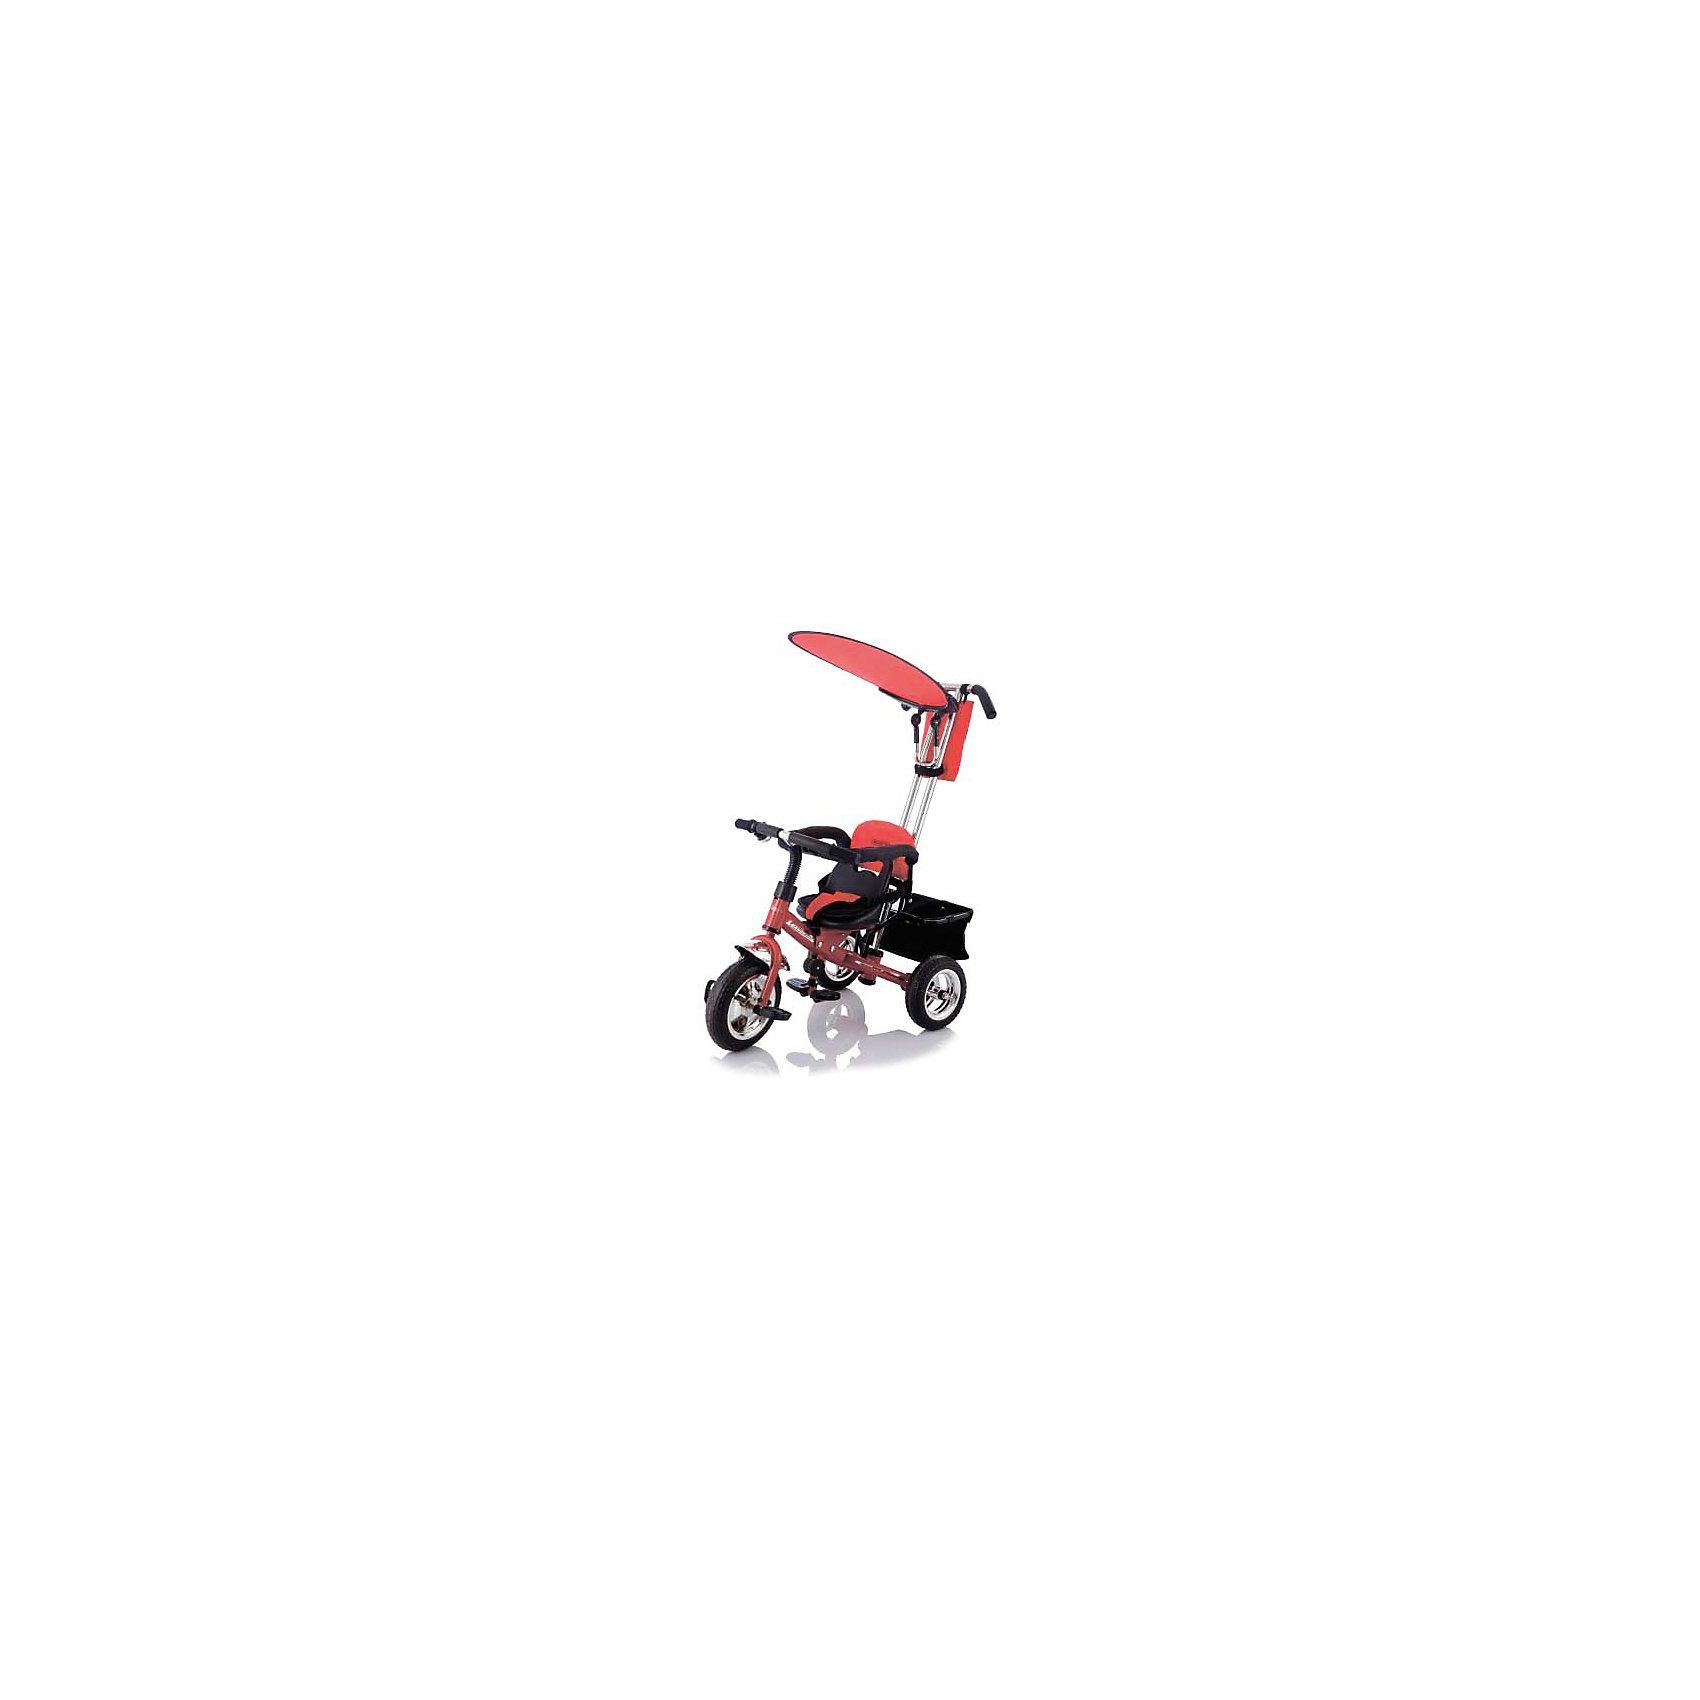 Велосипед трехколесный Lexus Trike Next Generation, красный, JetemВелосипеды детские<br>Jetem Lexus Trike Next Generation — это детский велосипед с ручкой-толкателем для родителя. Одна из лучших моделей по соотношению «цена-качество». Главная «фишка» Лексуса — это сидение с мягкими накладками, которое можно регулировать в 3 положениях. Седло двигается вперед-назад, увеличивая расстояние до педали по мере того, как растет нога ребенка.Сидя на велосипеде, ребенок будет в полной безопасности. За это отвечают 5-точечные ремни. Они надежно зафиксируют малыша в кресле и не дадут ему выпасть. Кроме педалей рама оснащена еще и двумя подножками-топталками с ребристой поверхностью. Руль очень удобен, а грипсы не натирают нежную кожу малыша. На руле есть звоночек.Для комфорта мамы сзади закреплена корзина с жестким дном, куда можно поставить сумку или сложить покупки. Корзина очень прочная и выдерживает солидный вес. Ручка-толкатель оснащена надежным поворотным механизмом. Управлять этим велосипедом так же просто, как и прогулочной коляской.Характеристики:• Размер велосипеда: 86х50х100 см.• Диаметр переднего колеса — 25 см.• Диаметр заднего колеса — 21,5 см.• Максимальный вес: 9 кг.• Предназначен для детей от 1,5 года до 3-4 лет (до 25 кг).<br><br>Ширина мм: 580<br>Глубина мм: 260<br>Высота мм: 450<br>Вес г: 11000<br>Возраст от месяцев: 24<br>Возраст до месяцев: 60<br>Пол: Женский<br>Возраст: Детский<br>SKU: 5475693